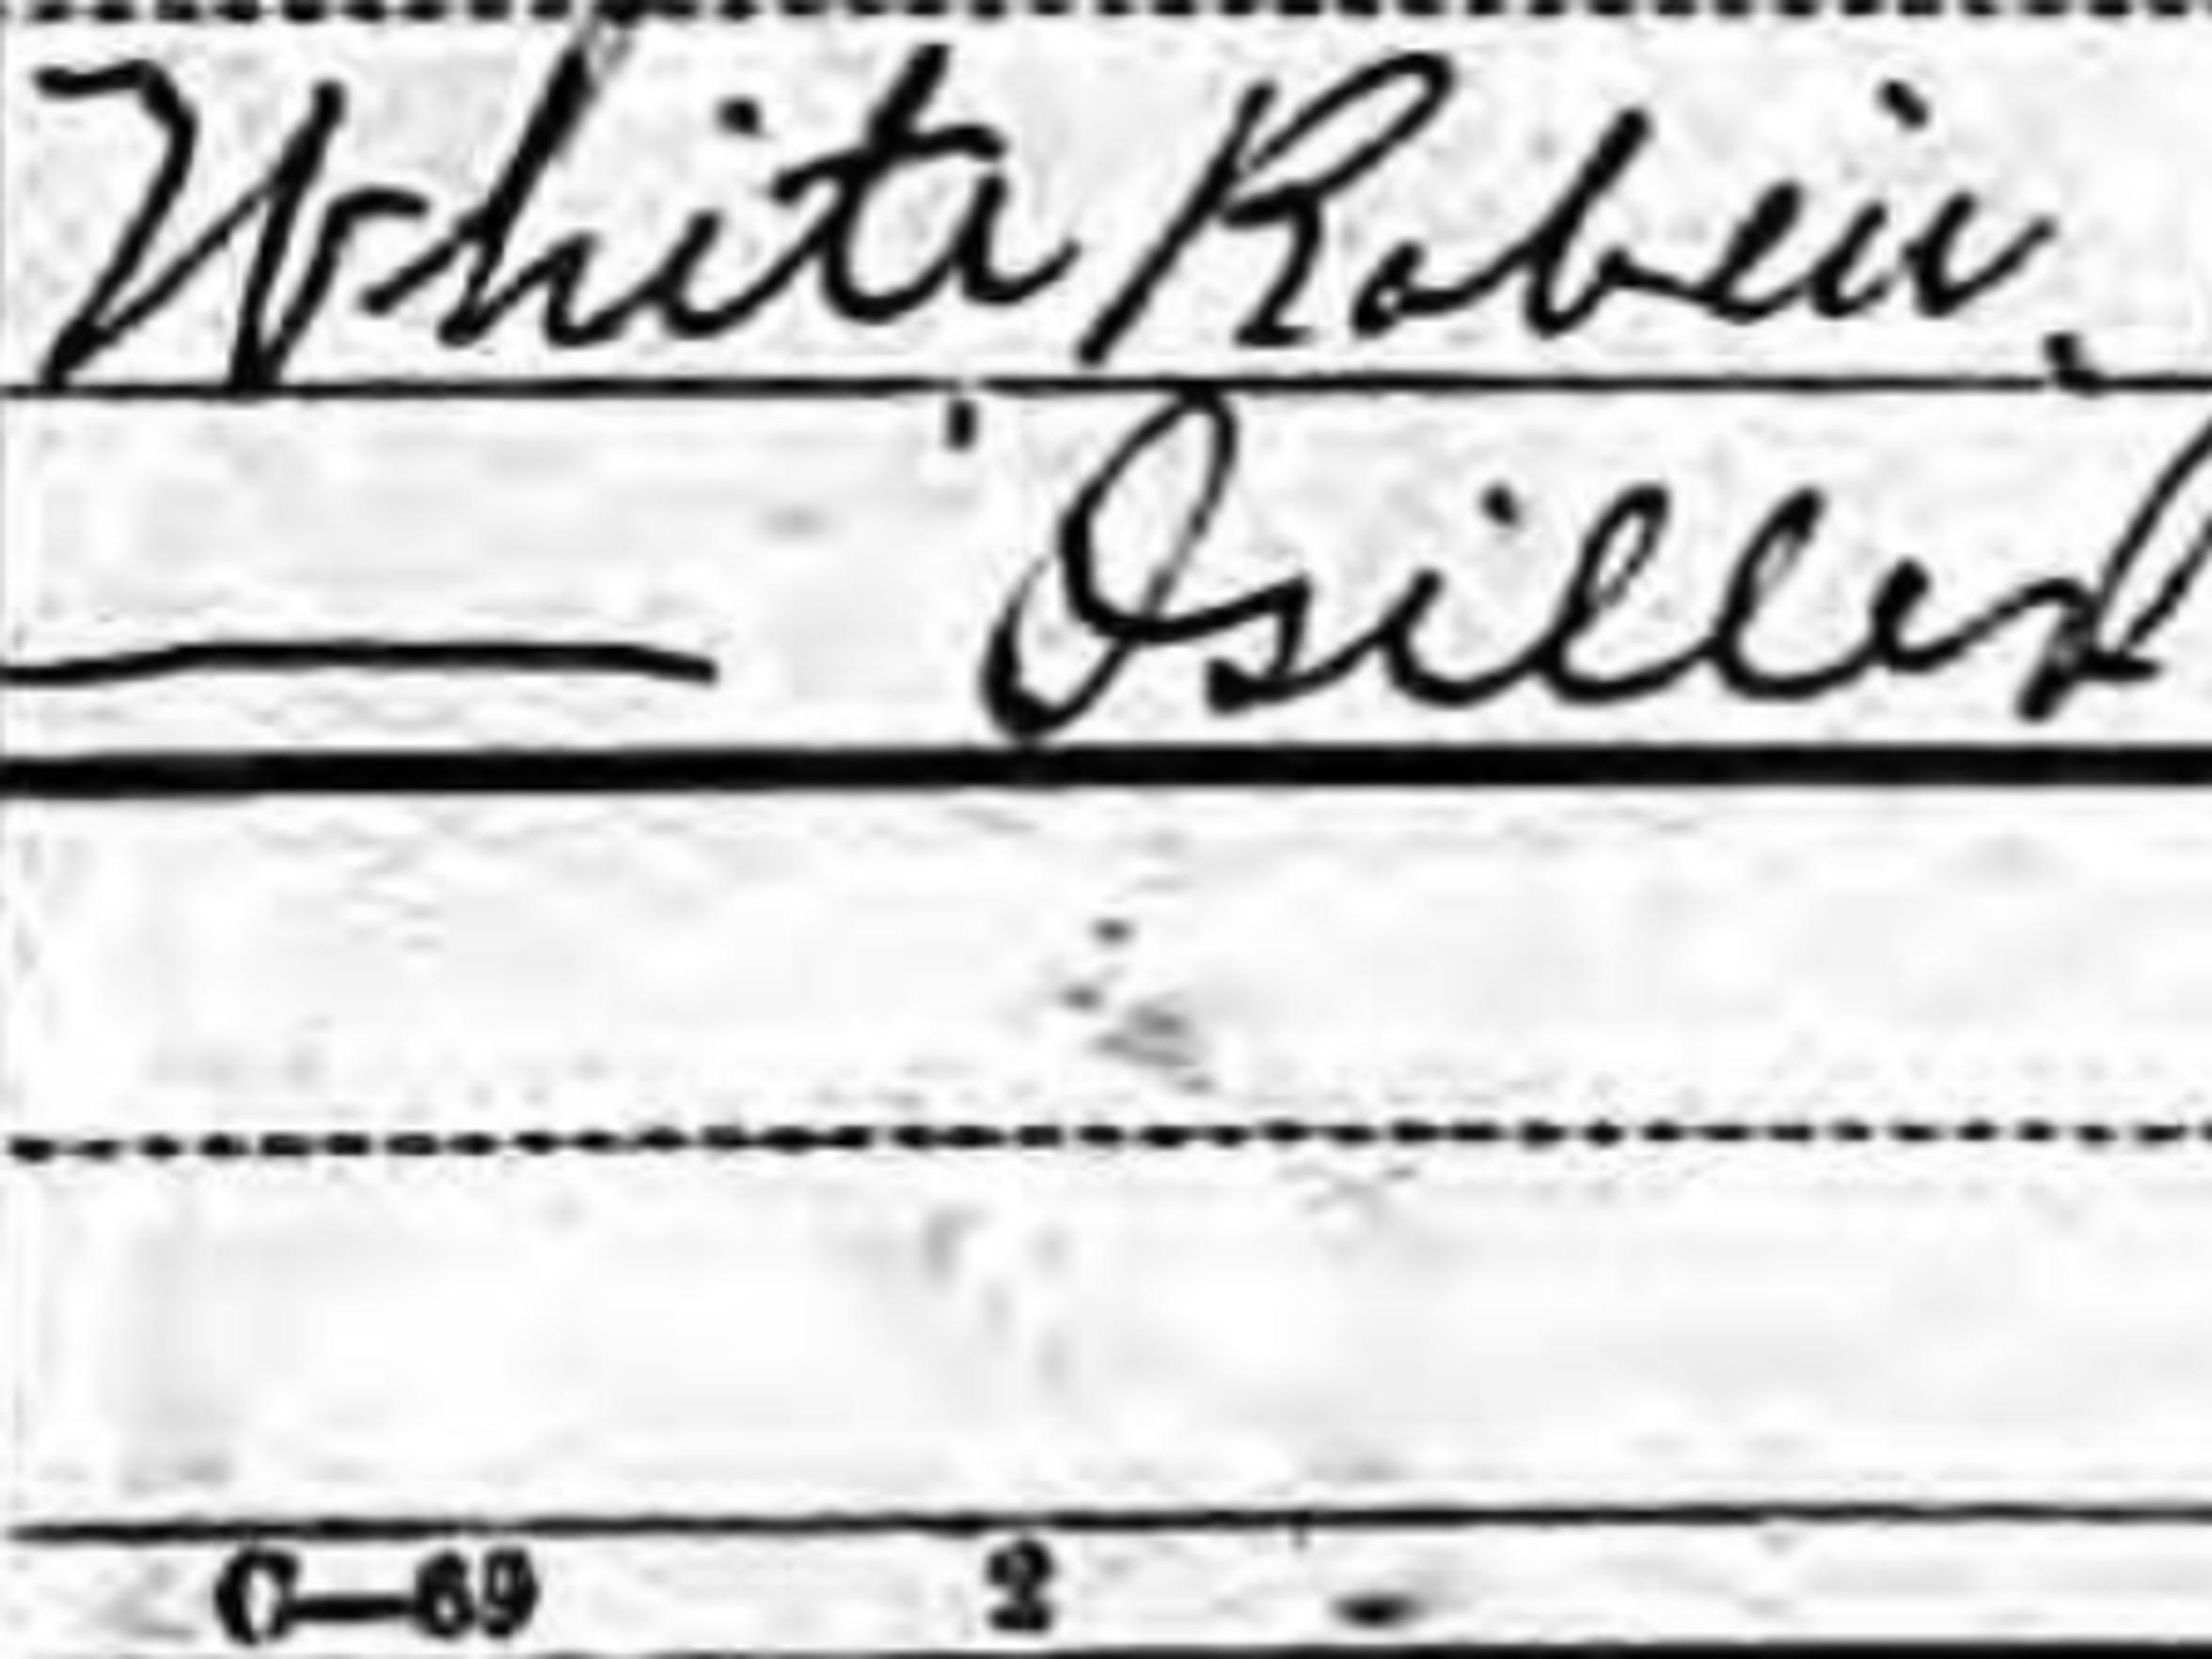 Robin White's entry in the 1900 Census, taken in June